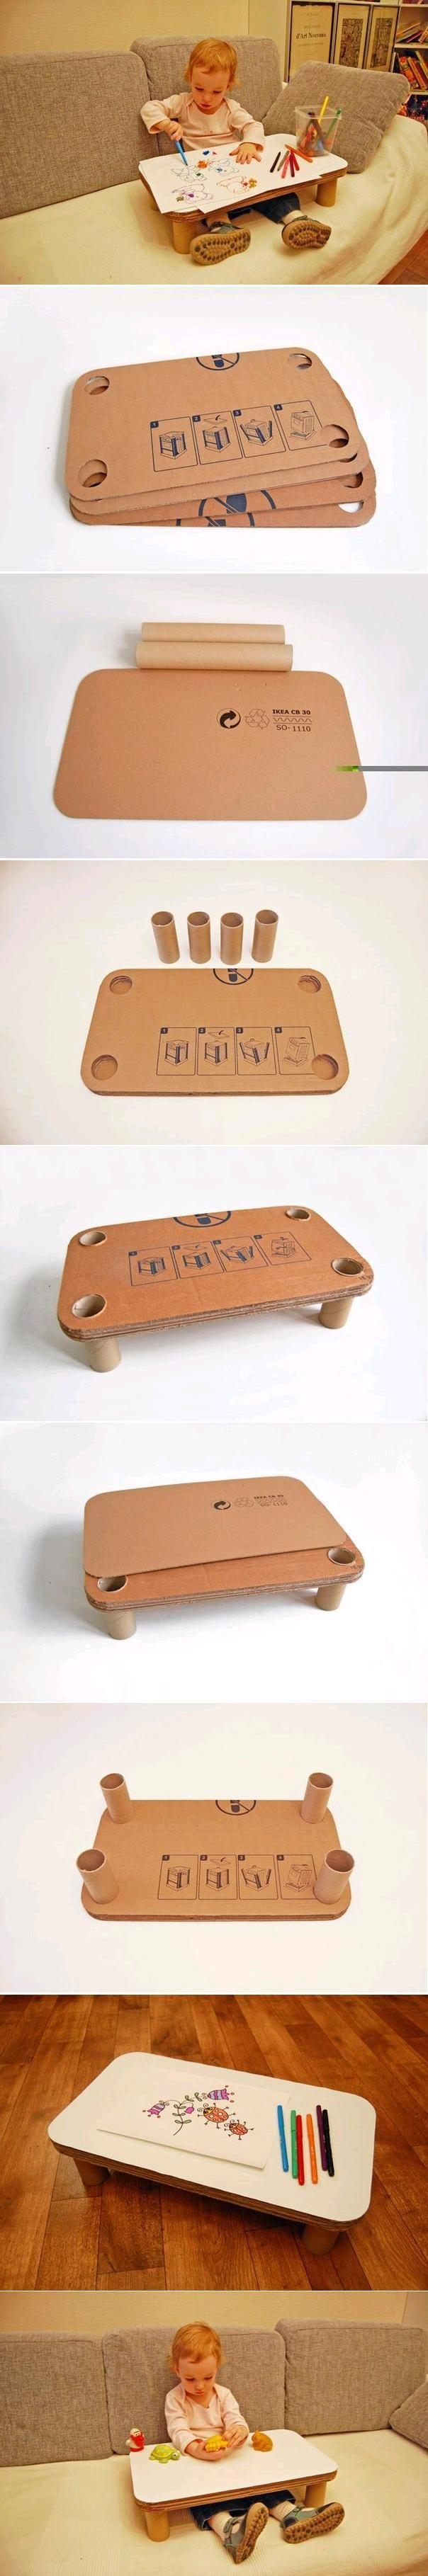 Mesa de Papelão para Crianças // DIY Children Cardboard Table